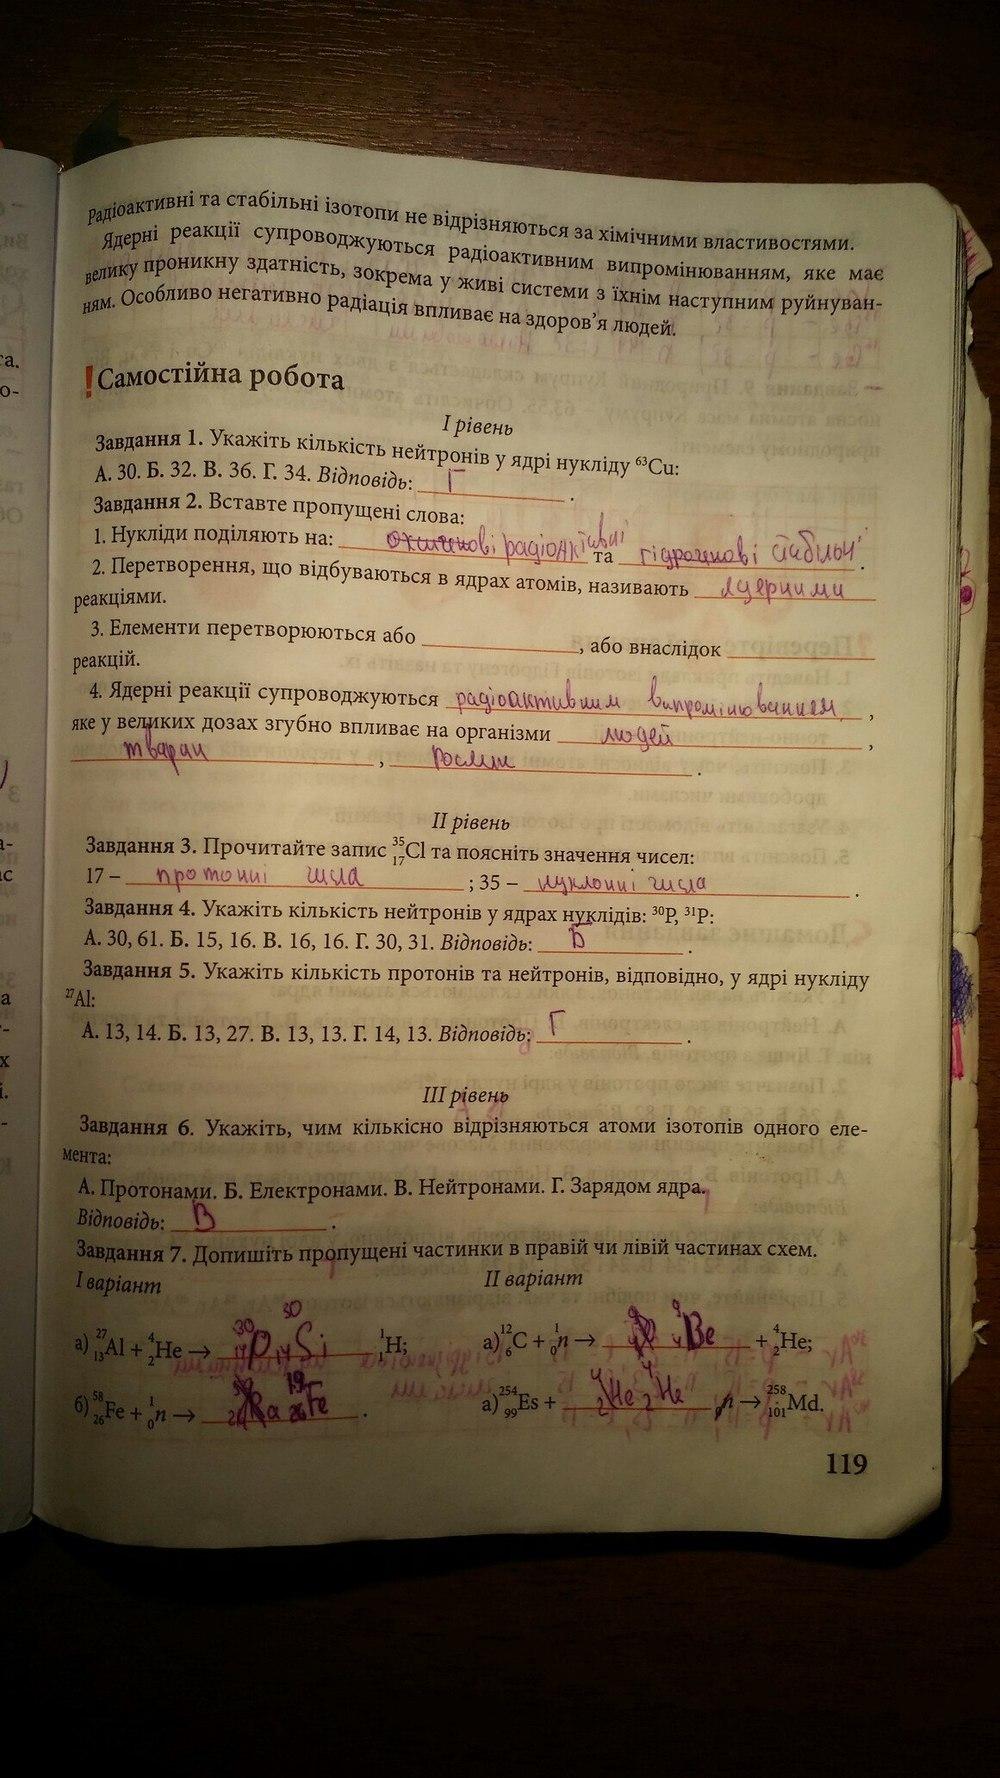 ГДЗ відповіді робочий зошит по химии 8 класс. Задание: стр. 119